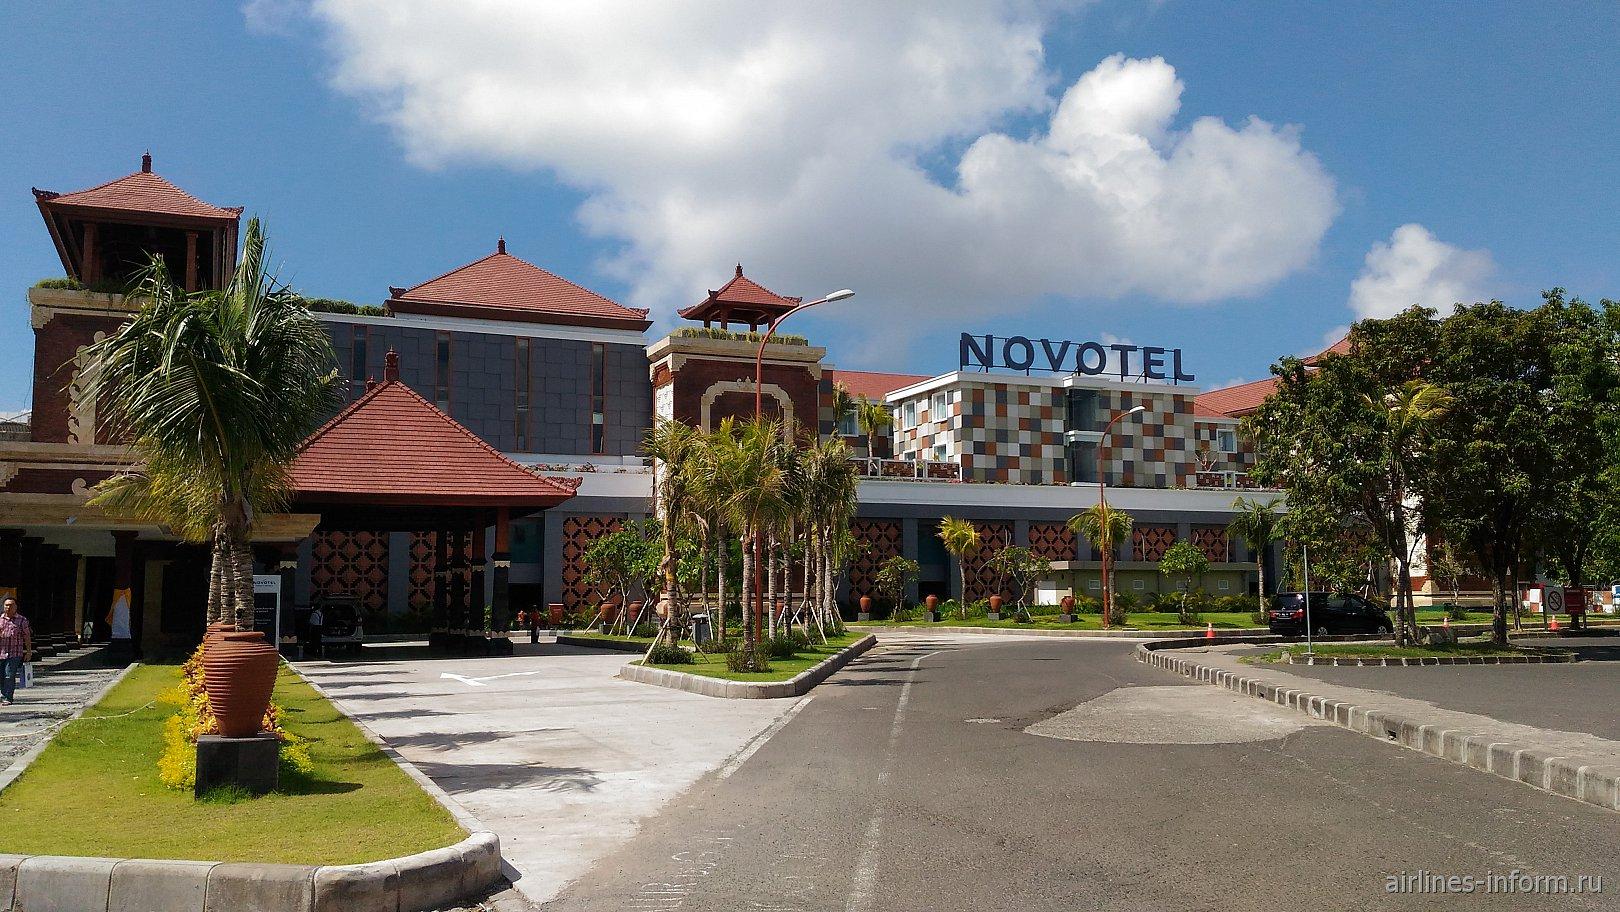 Гостиница Novotel в аэропорту Денпасар Нгура Рай